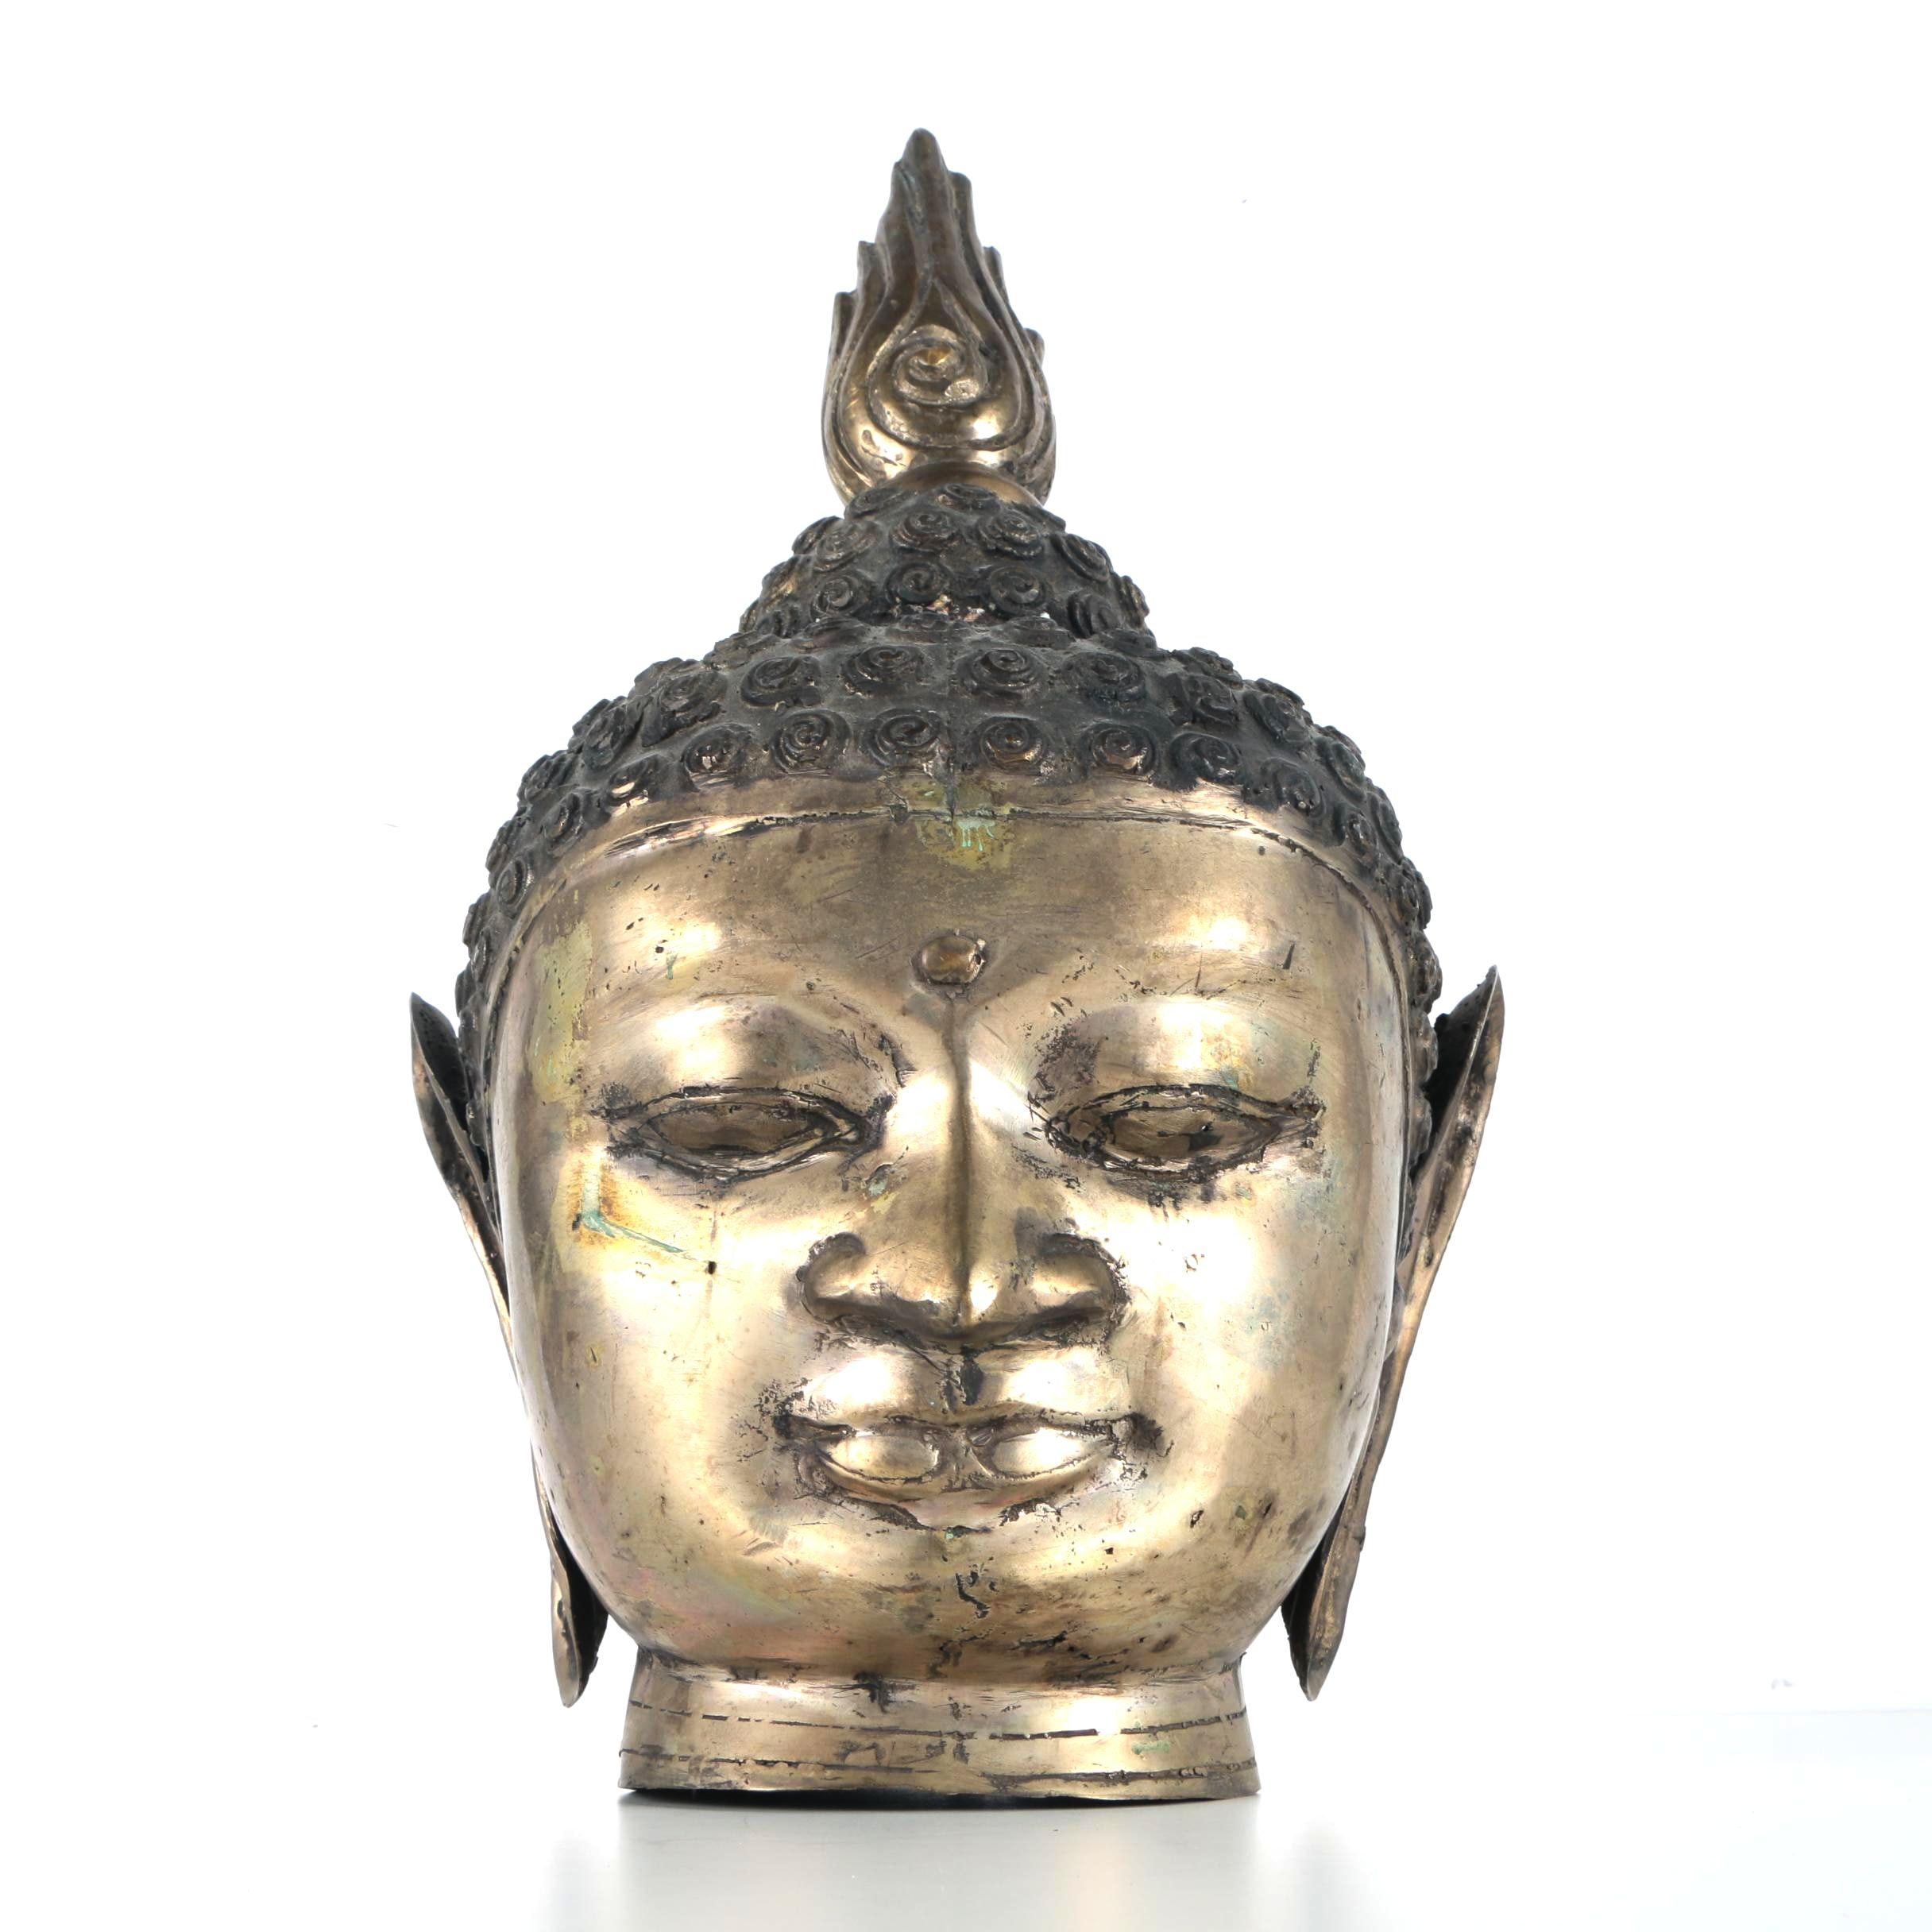 Brass Sculpture of Buddha's Head